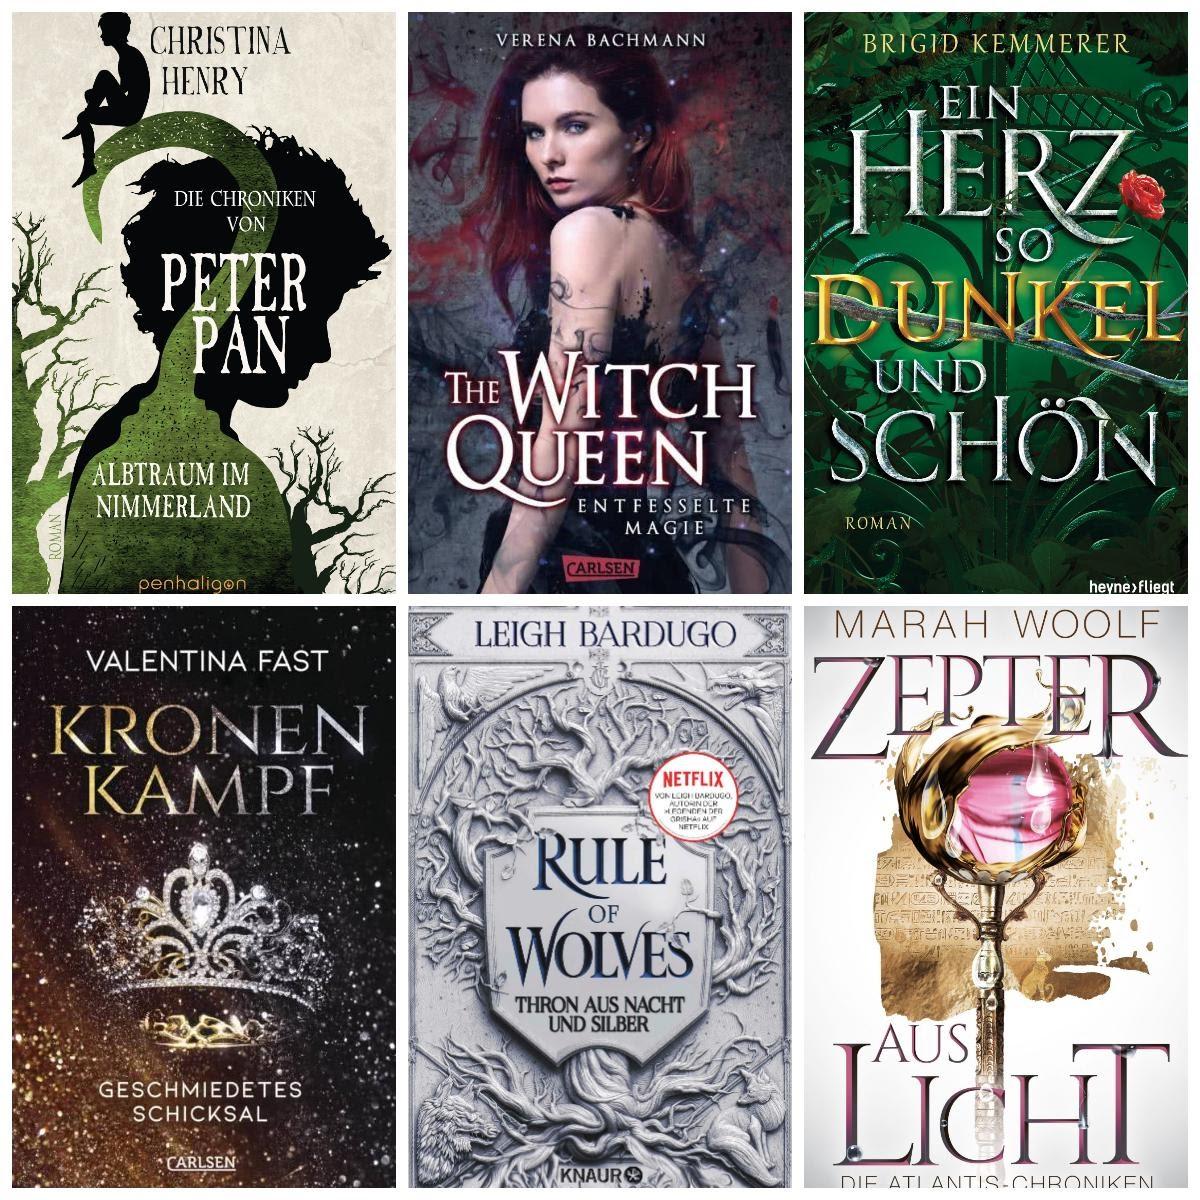 Bücherblog. Neuerscheinungen. Jugendbuch. Fantasy. Juni 2021.